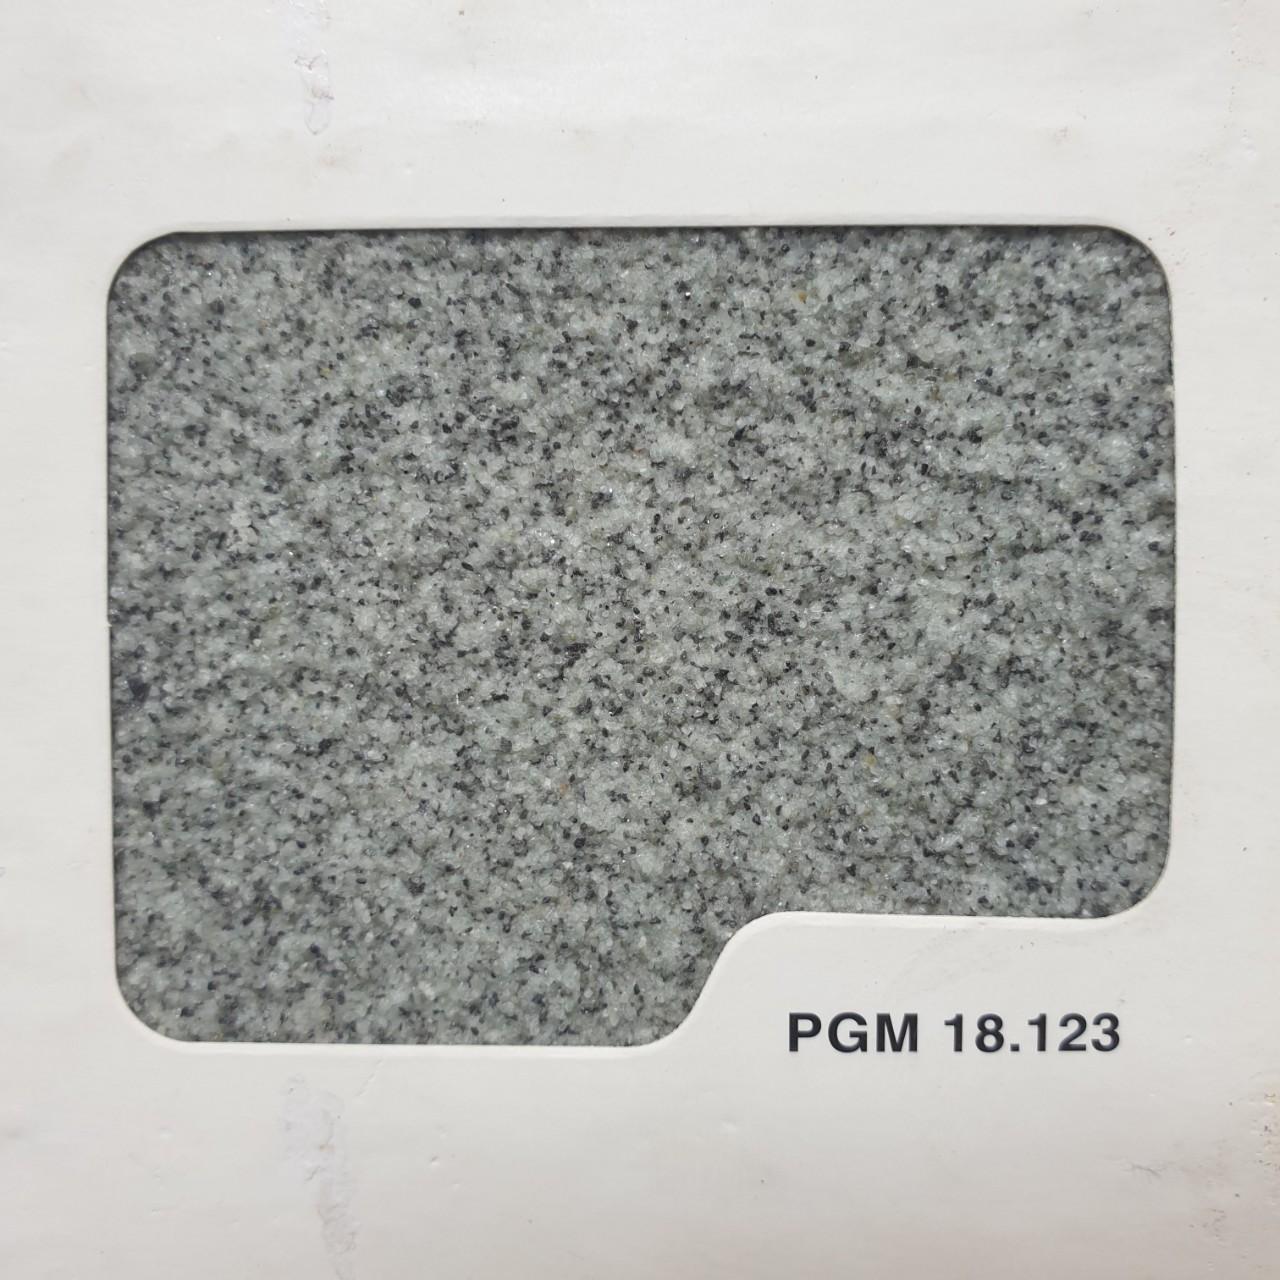 PGM 12.123